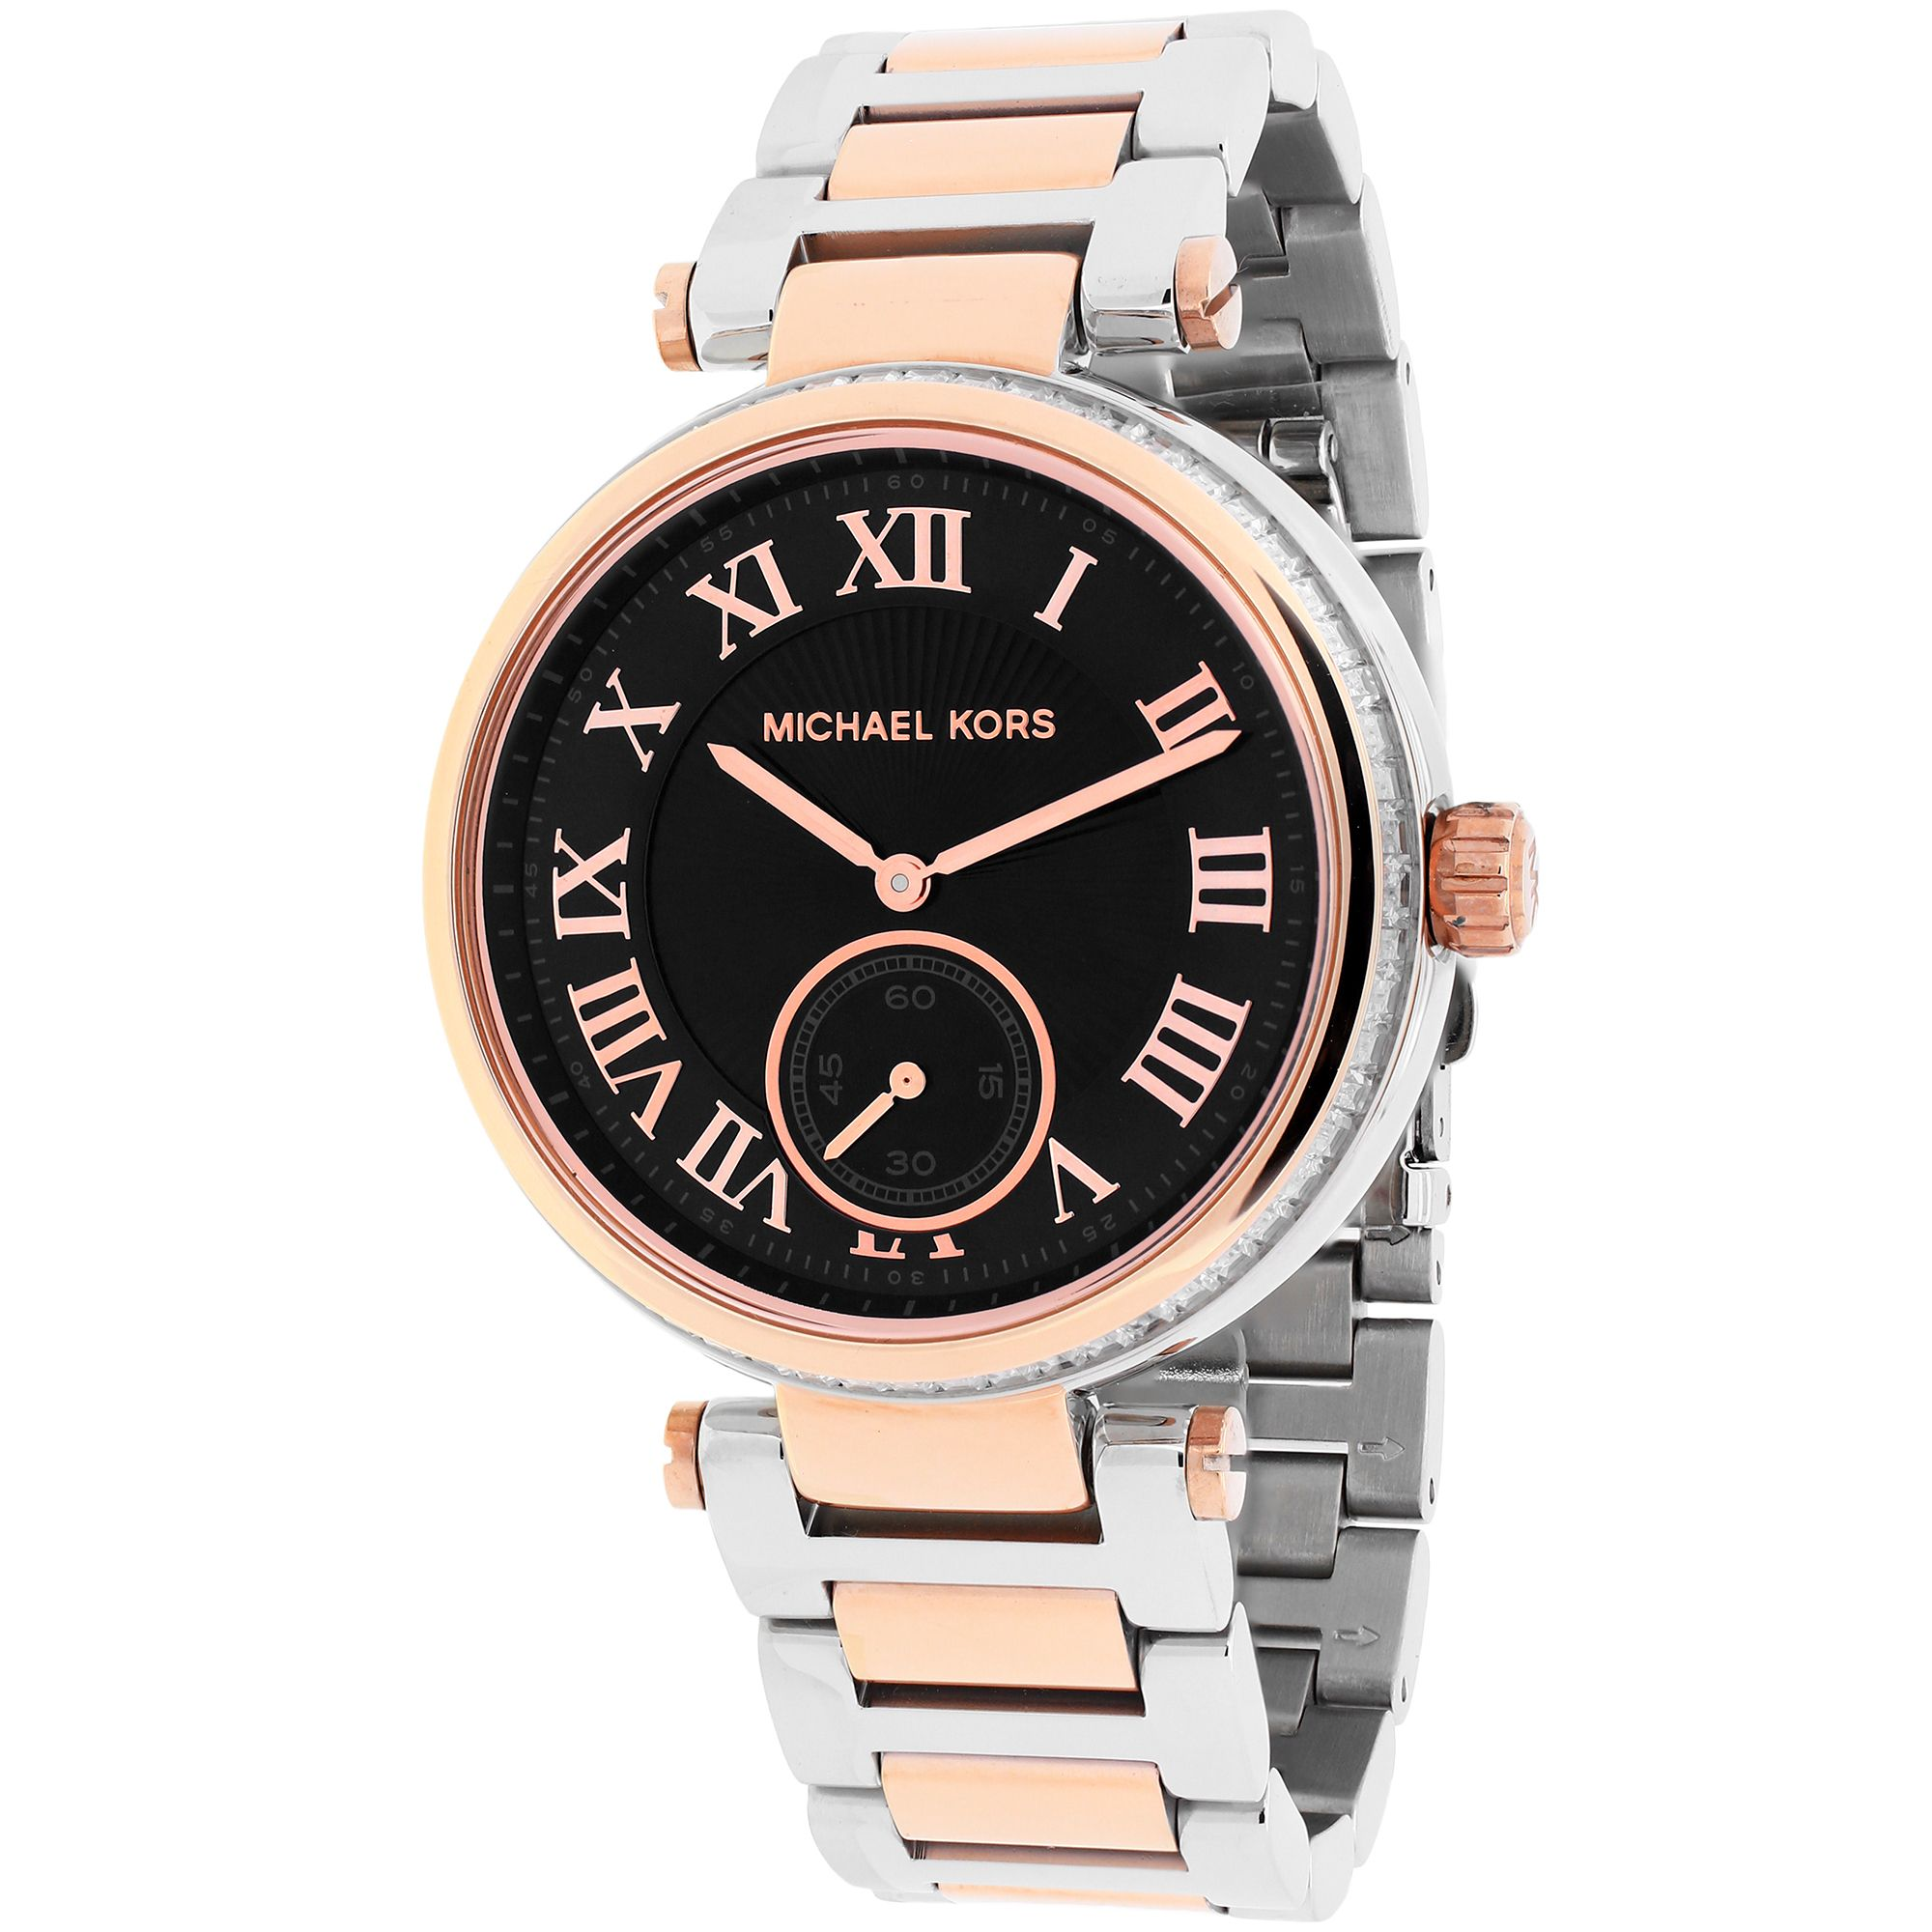 ساعت مچی عقربه ای زنانه مایکل کورس مدل MK5957 54